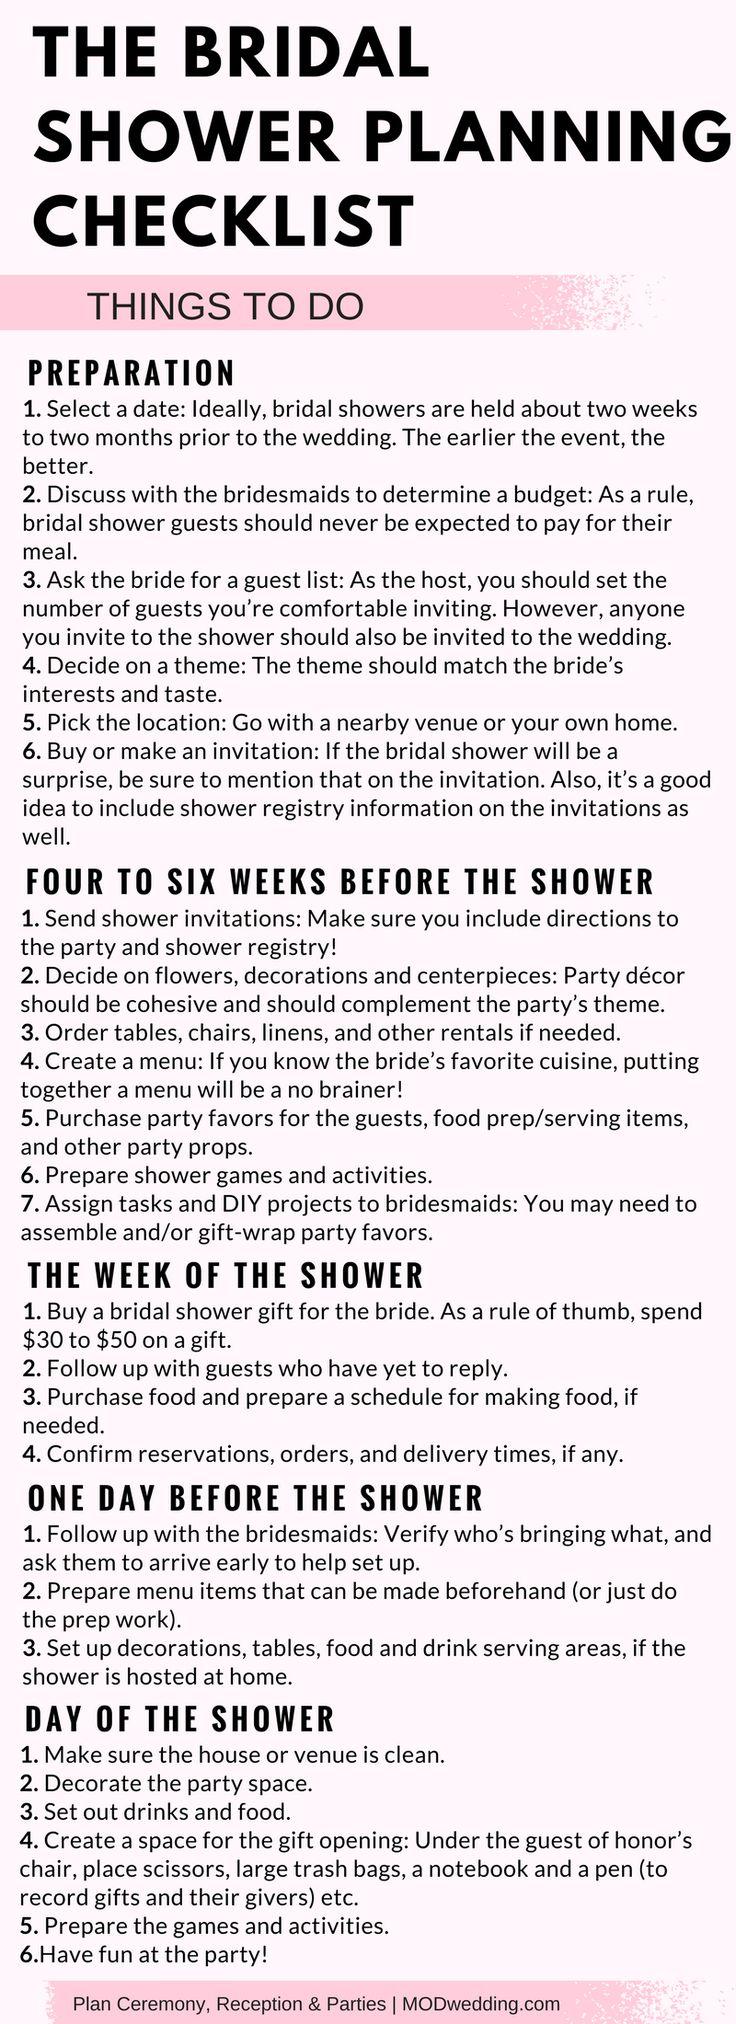 the bridal shower planning checklist